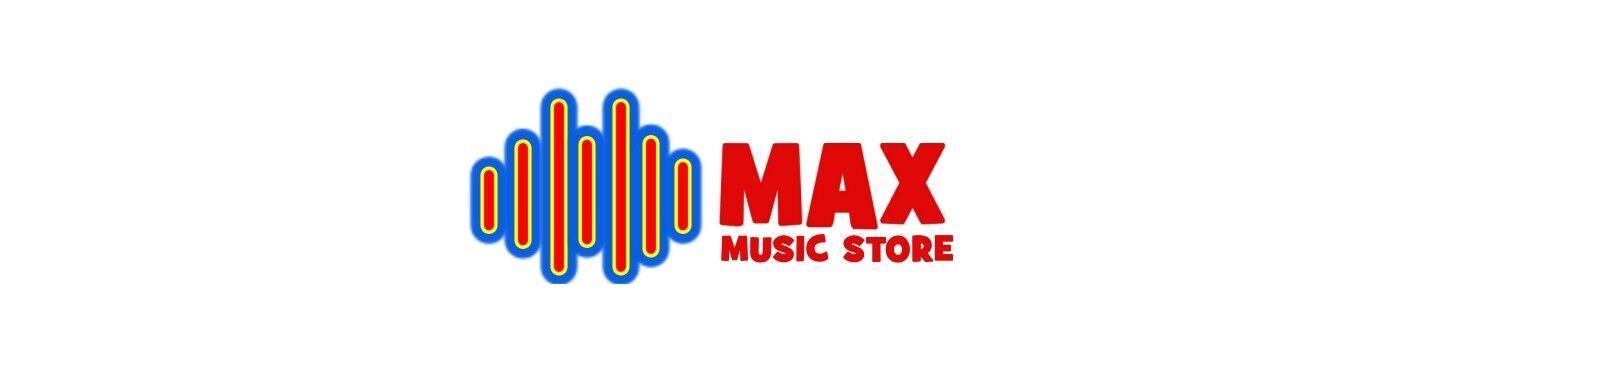 Max Music Store